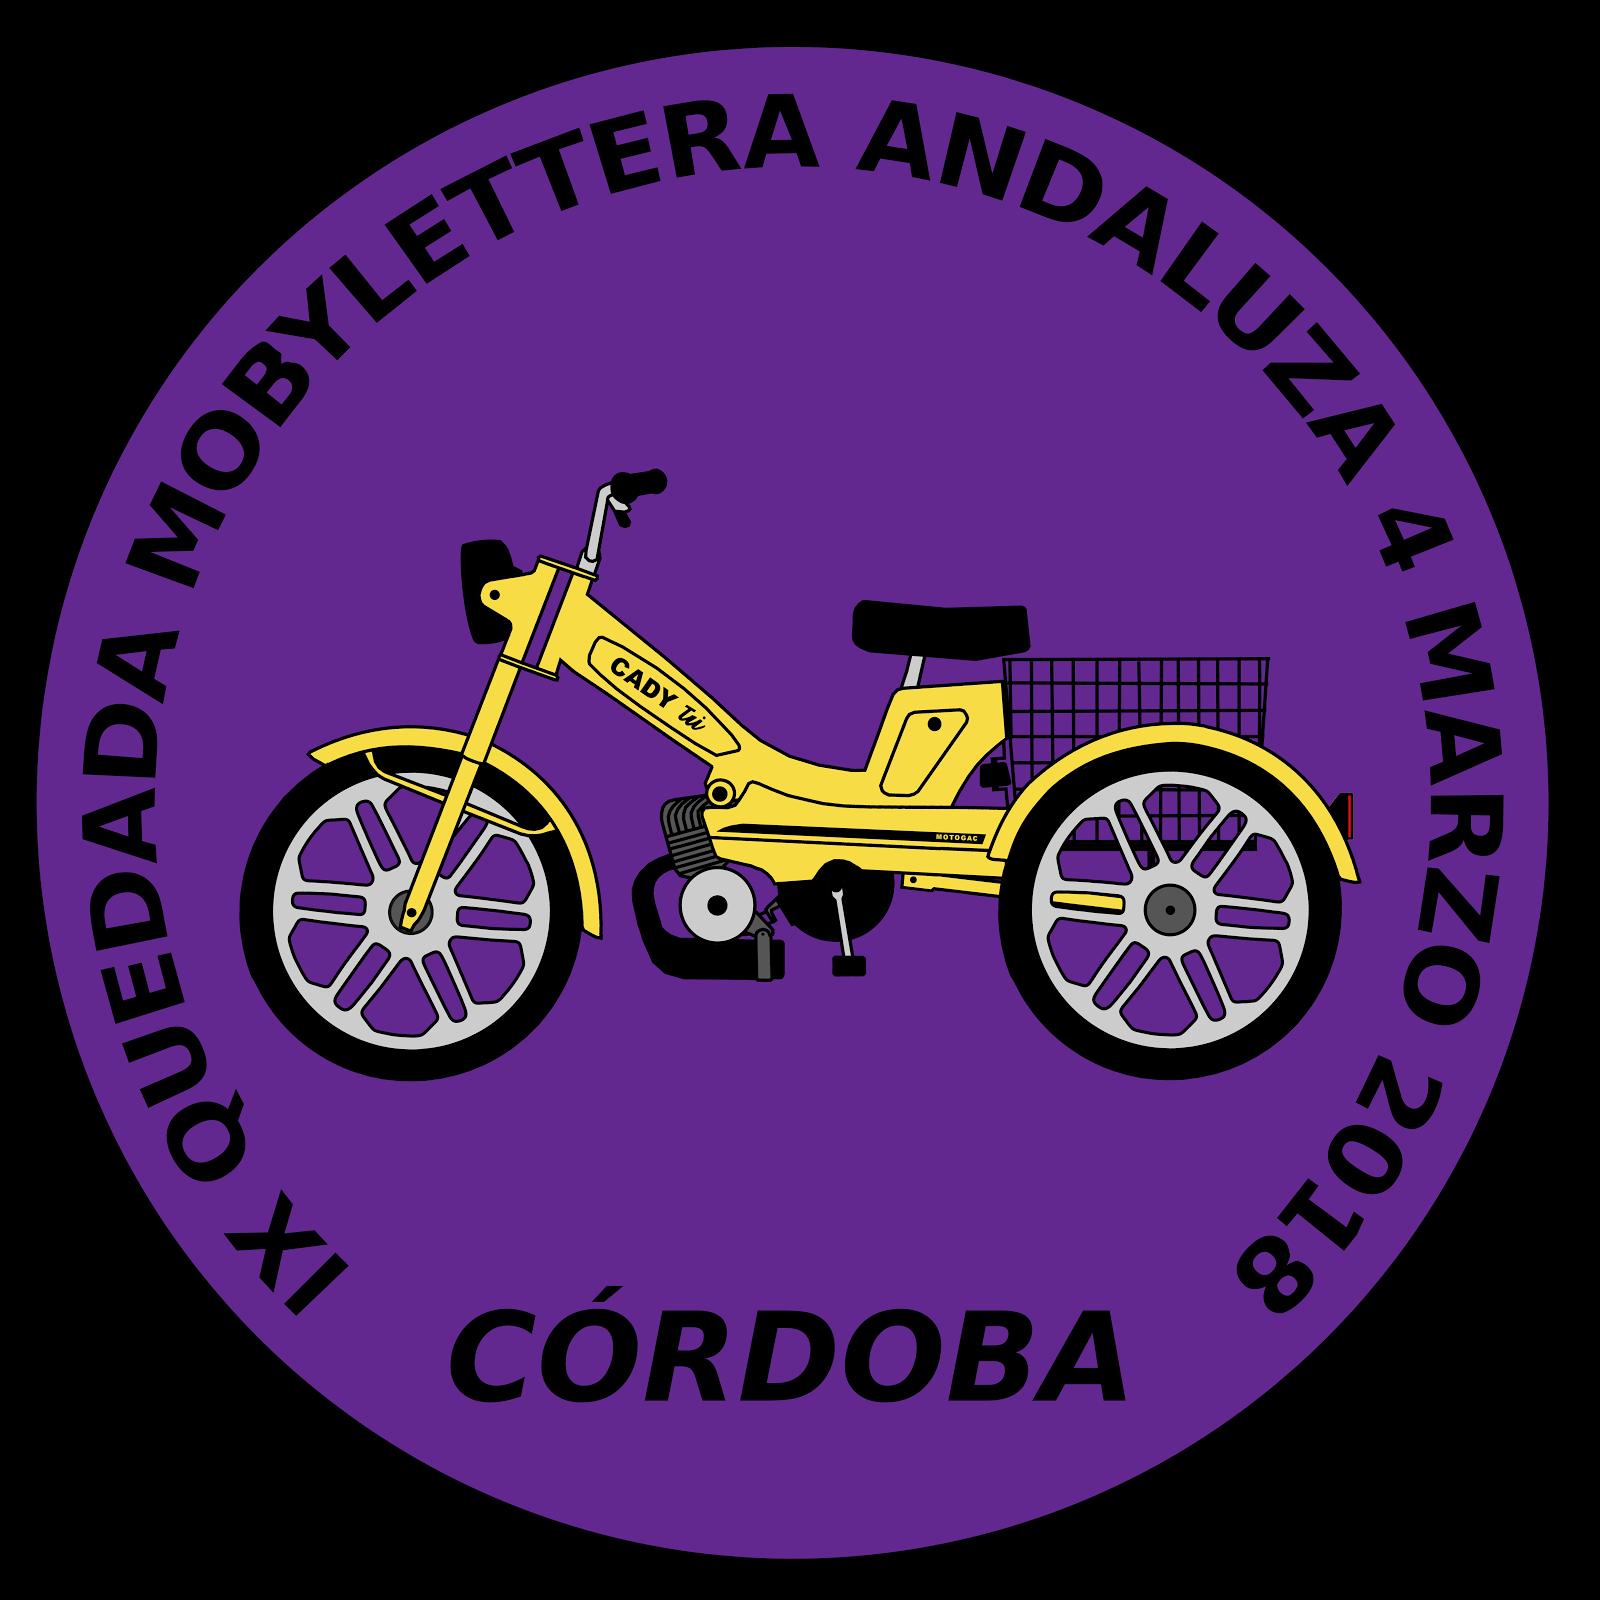 PARCHE OFICIAL DE LA NOVENA QUEDADA.